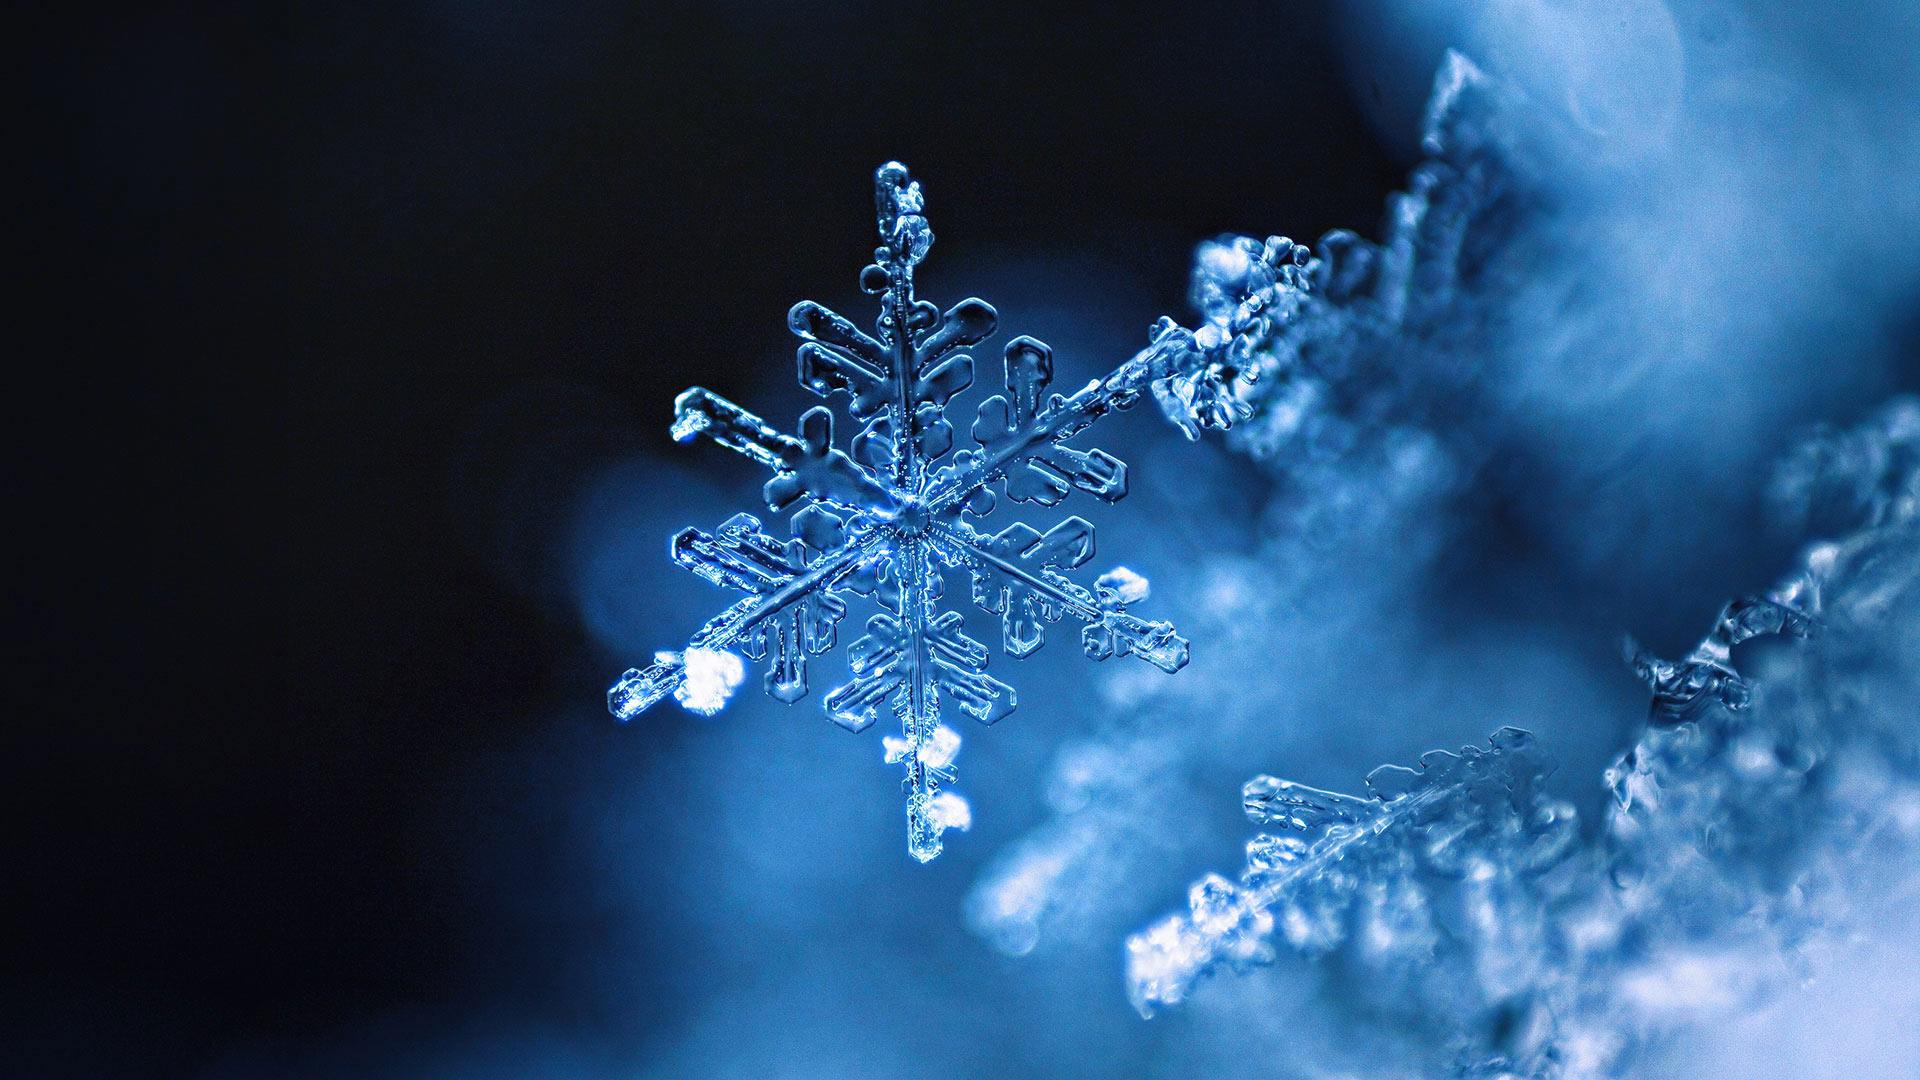 雪花 雪花